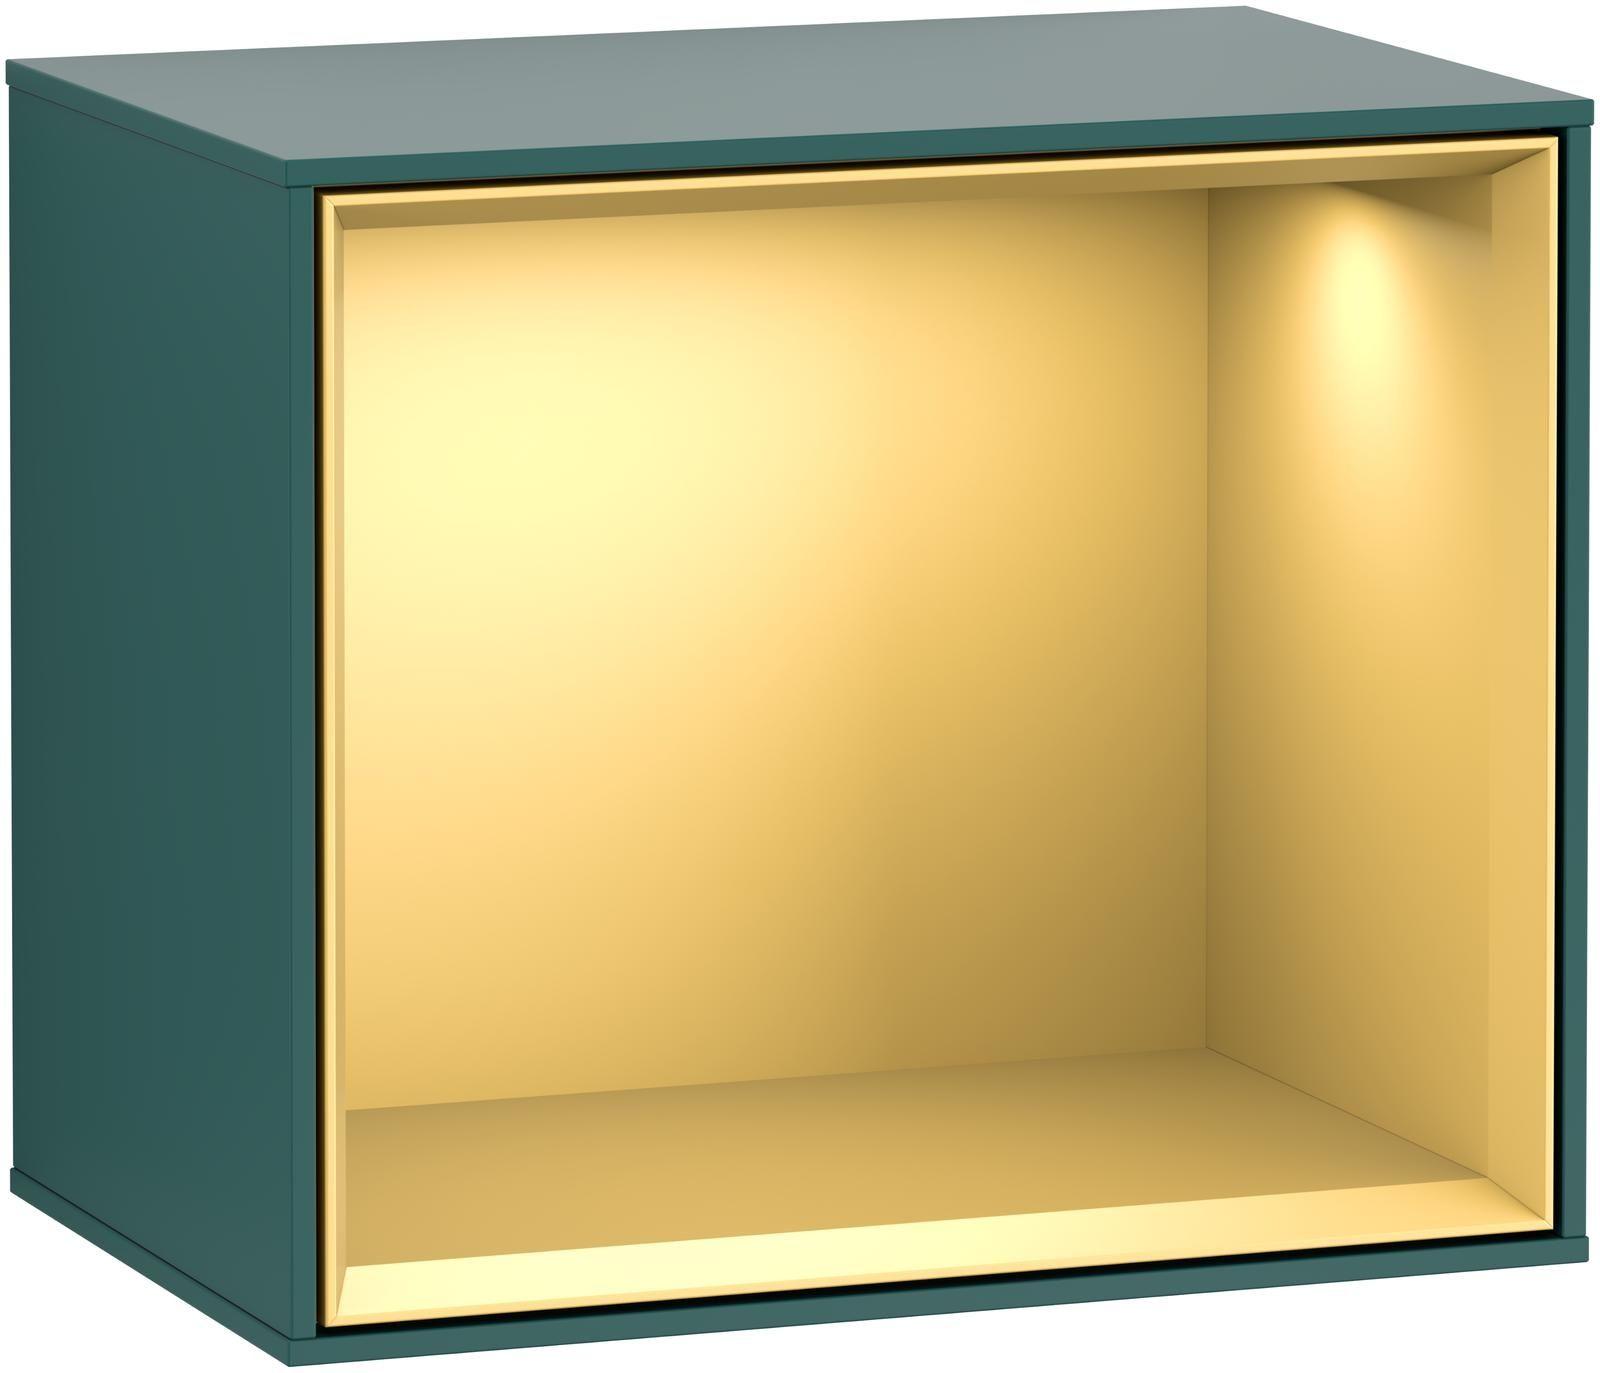 Villeroy & Boch Finion F58 Regalmodul LED-Beleuchtung B:41,8xH:35,6xT:27cm Front, Korpus: Cedar, Regal: Gold Matt F580HFGS